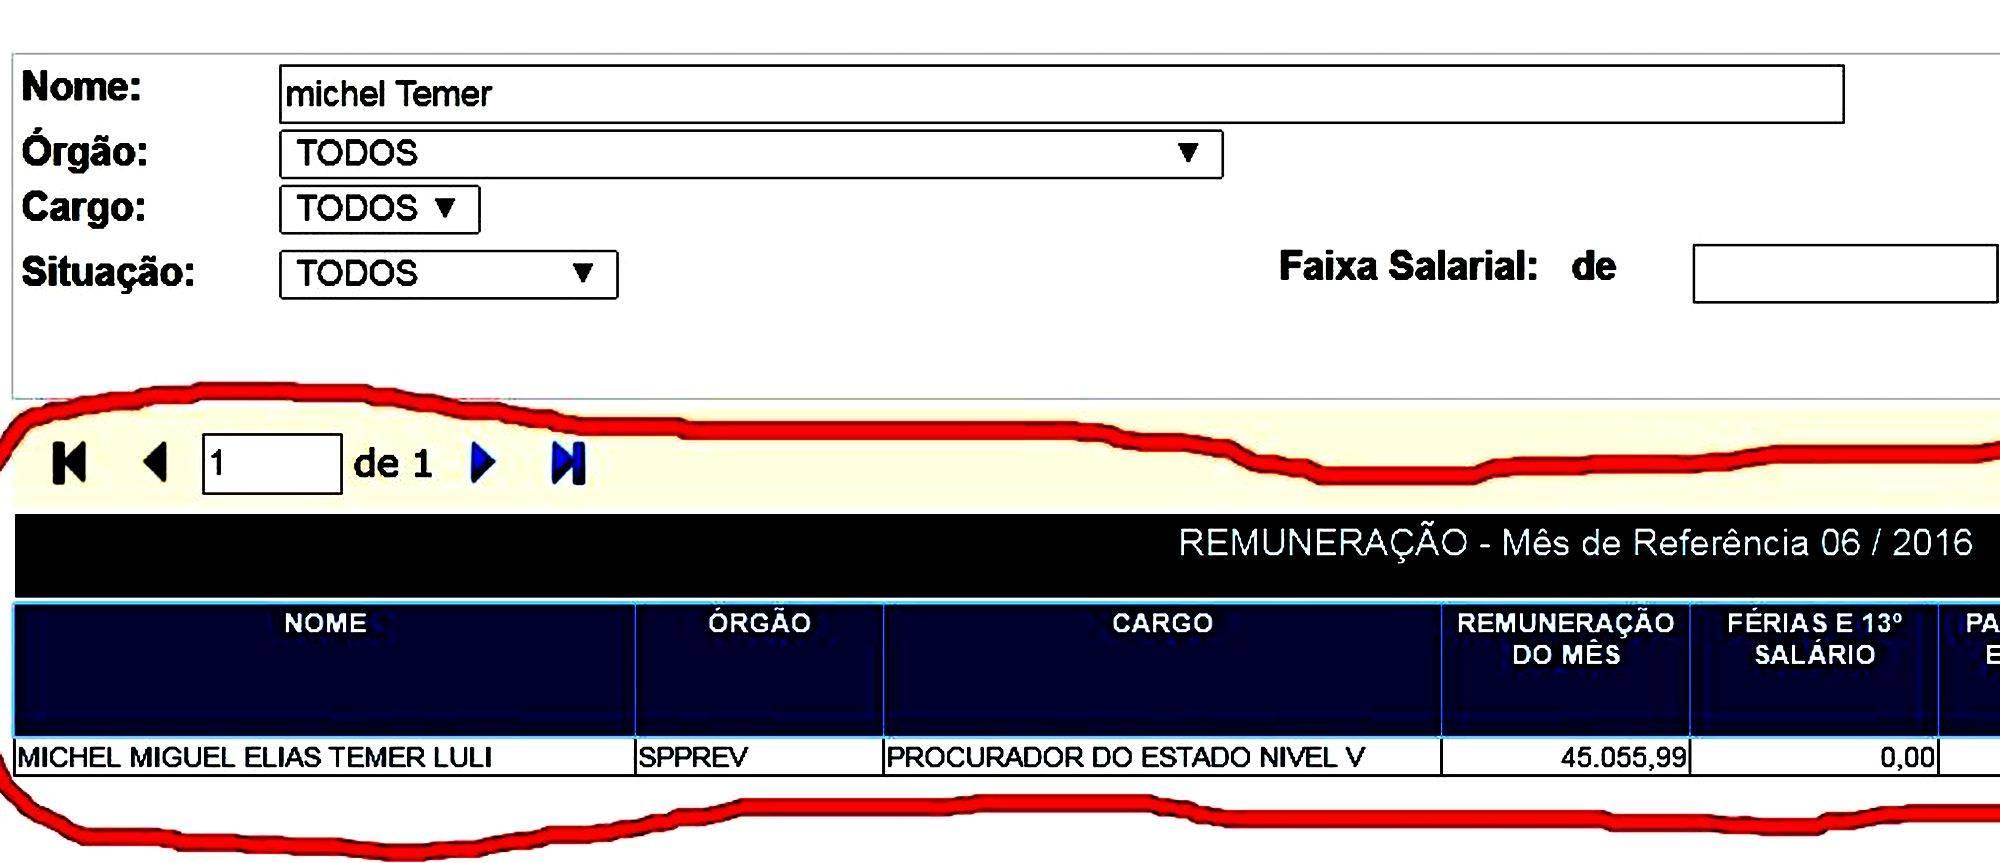 Extrato do Portal da Transparência, do governo do Estado de São Paulo